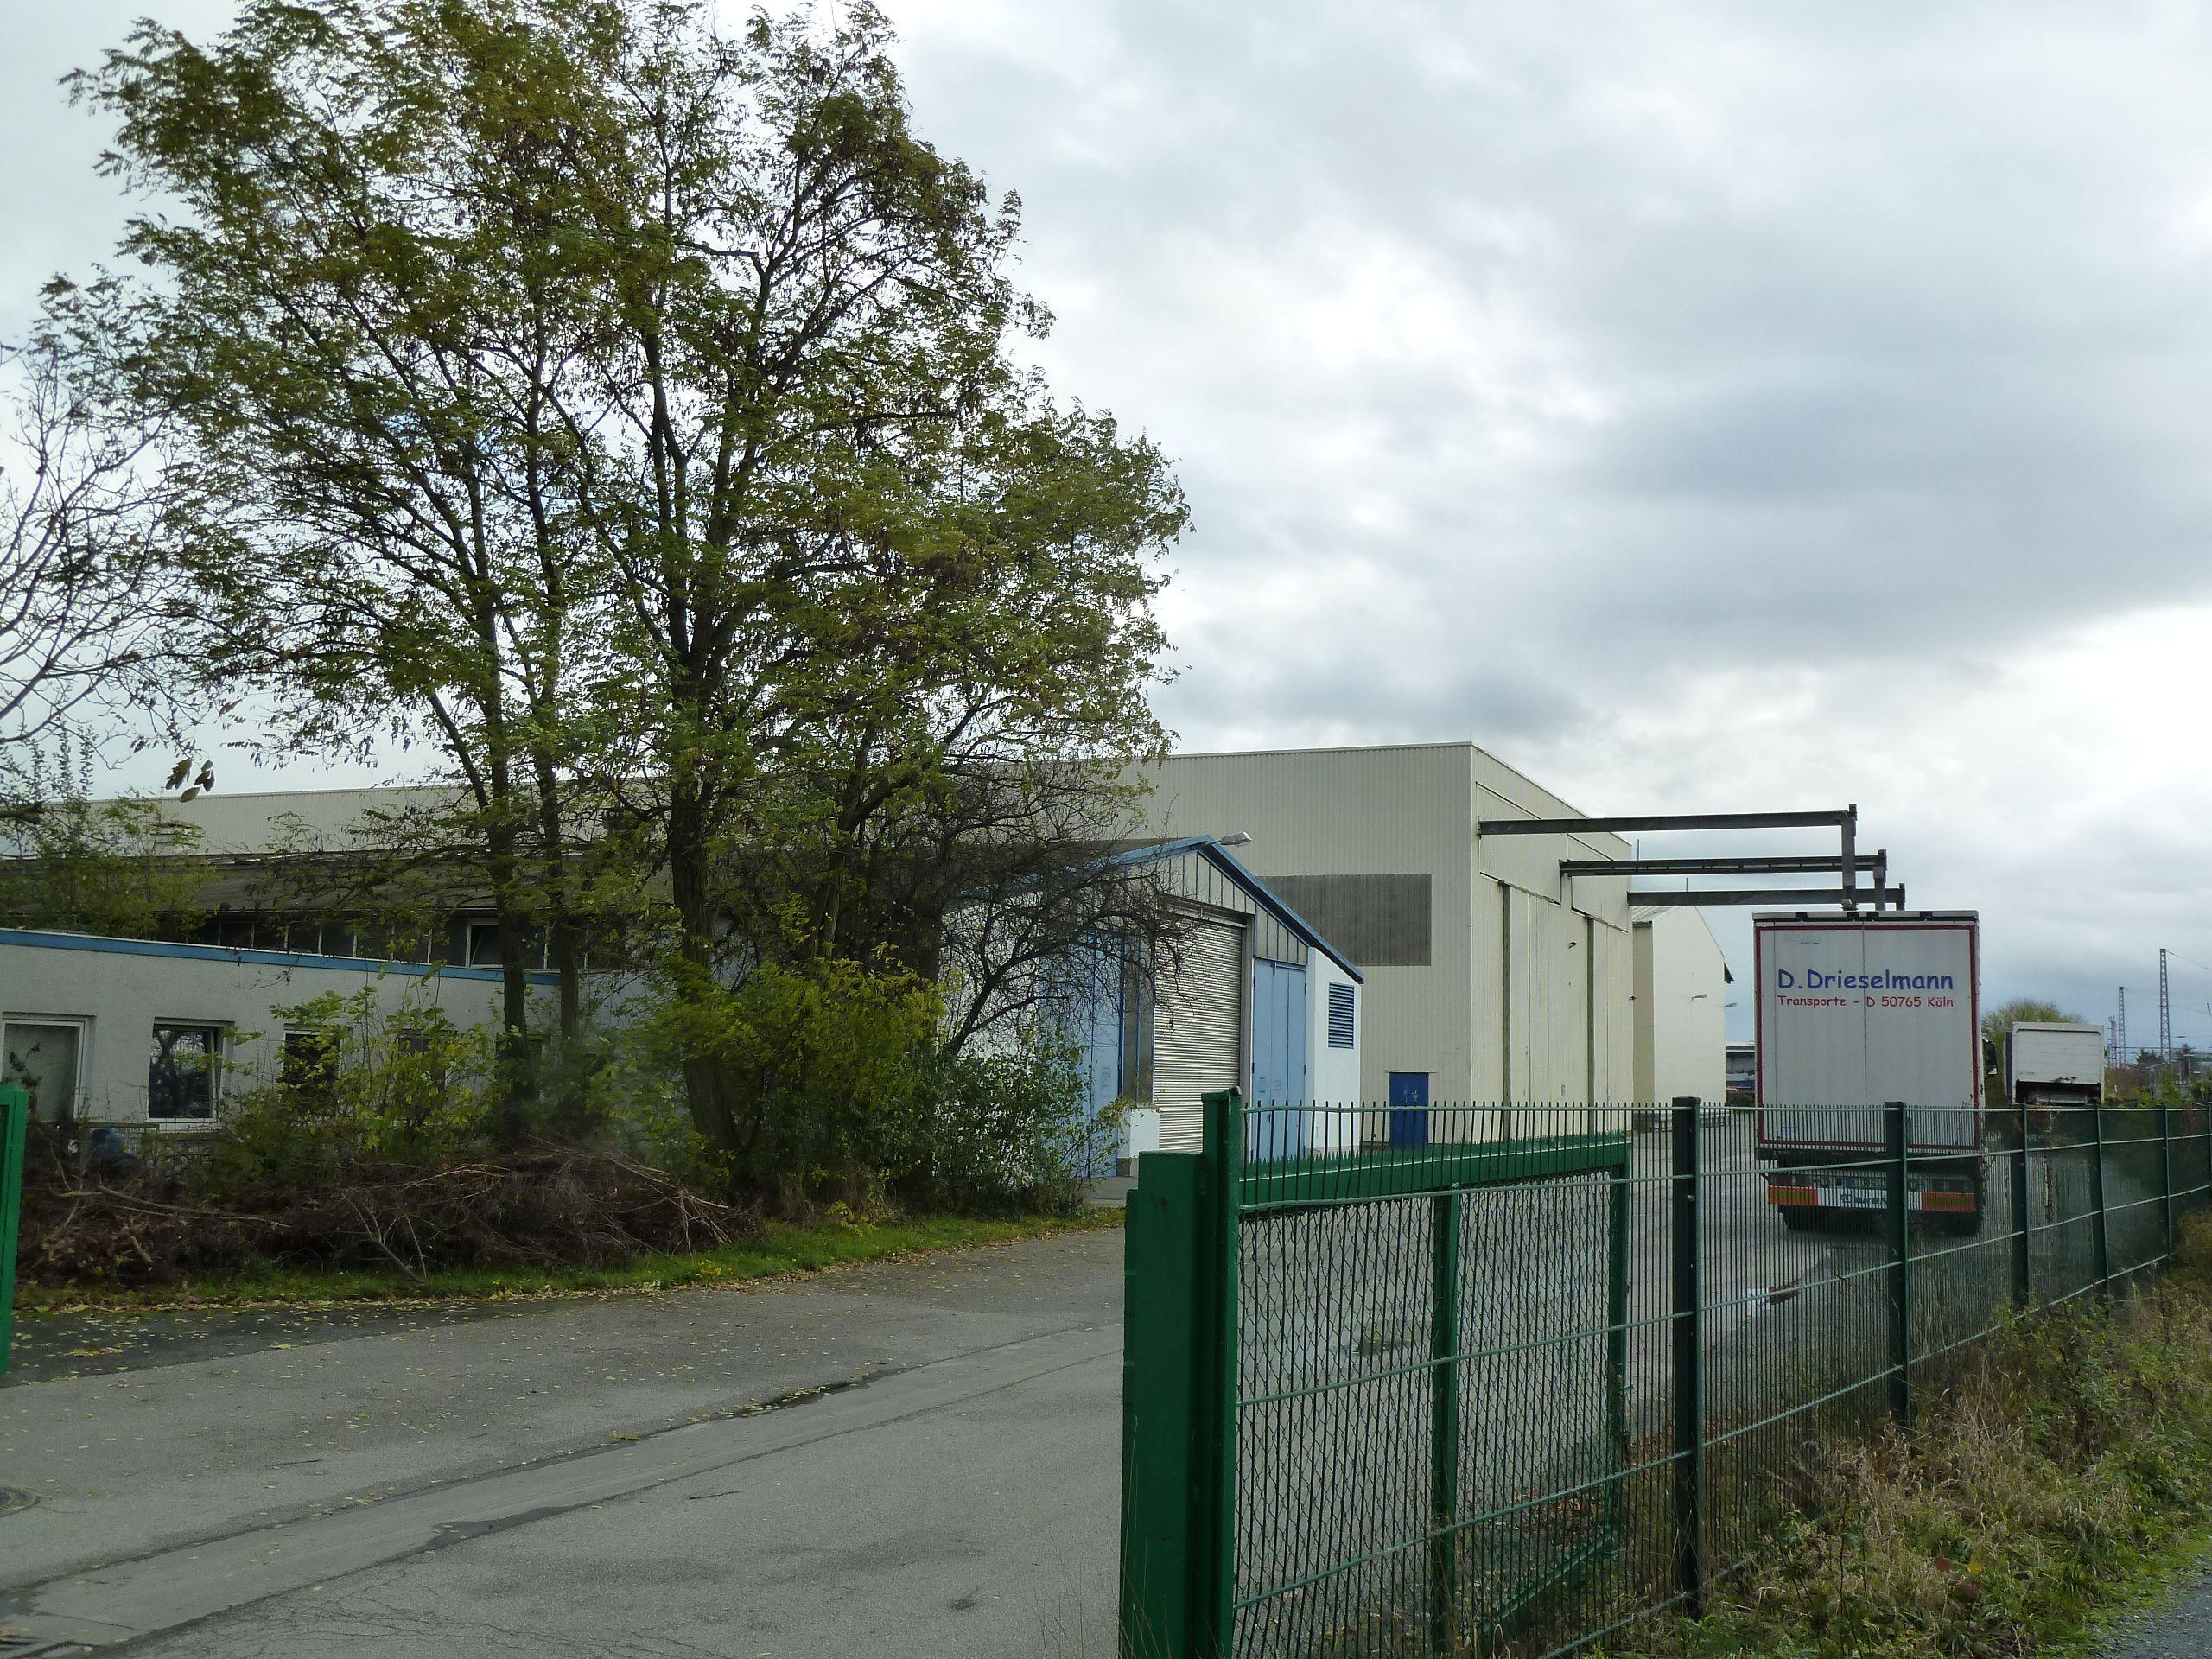 Vielfältig nutz- und vermietbares Gewerbegrundstück in Biebesheim am Rhein (Quelle: Angermann)